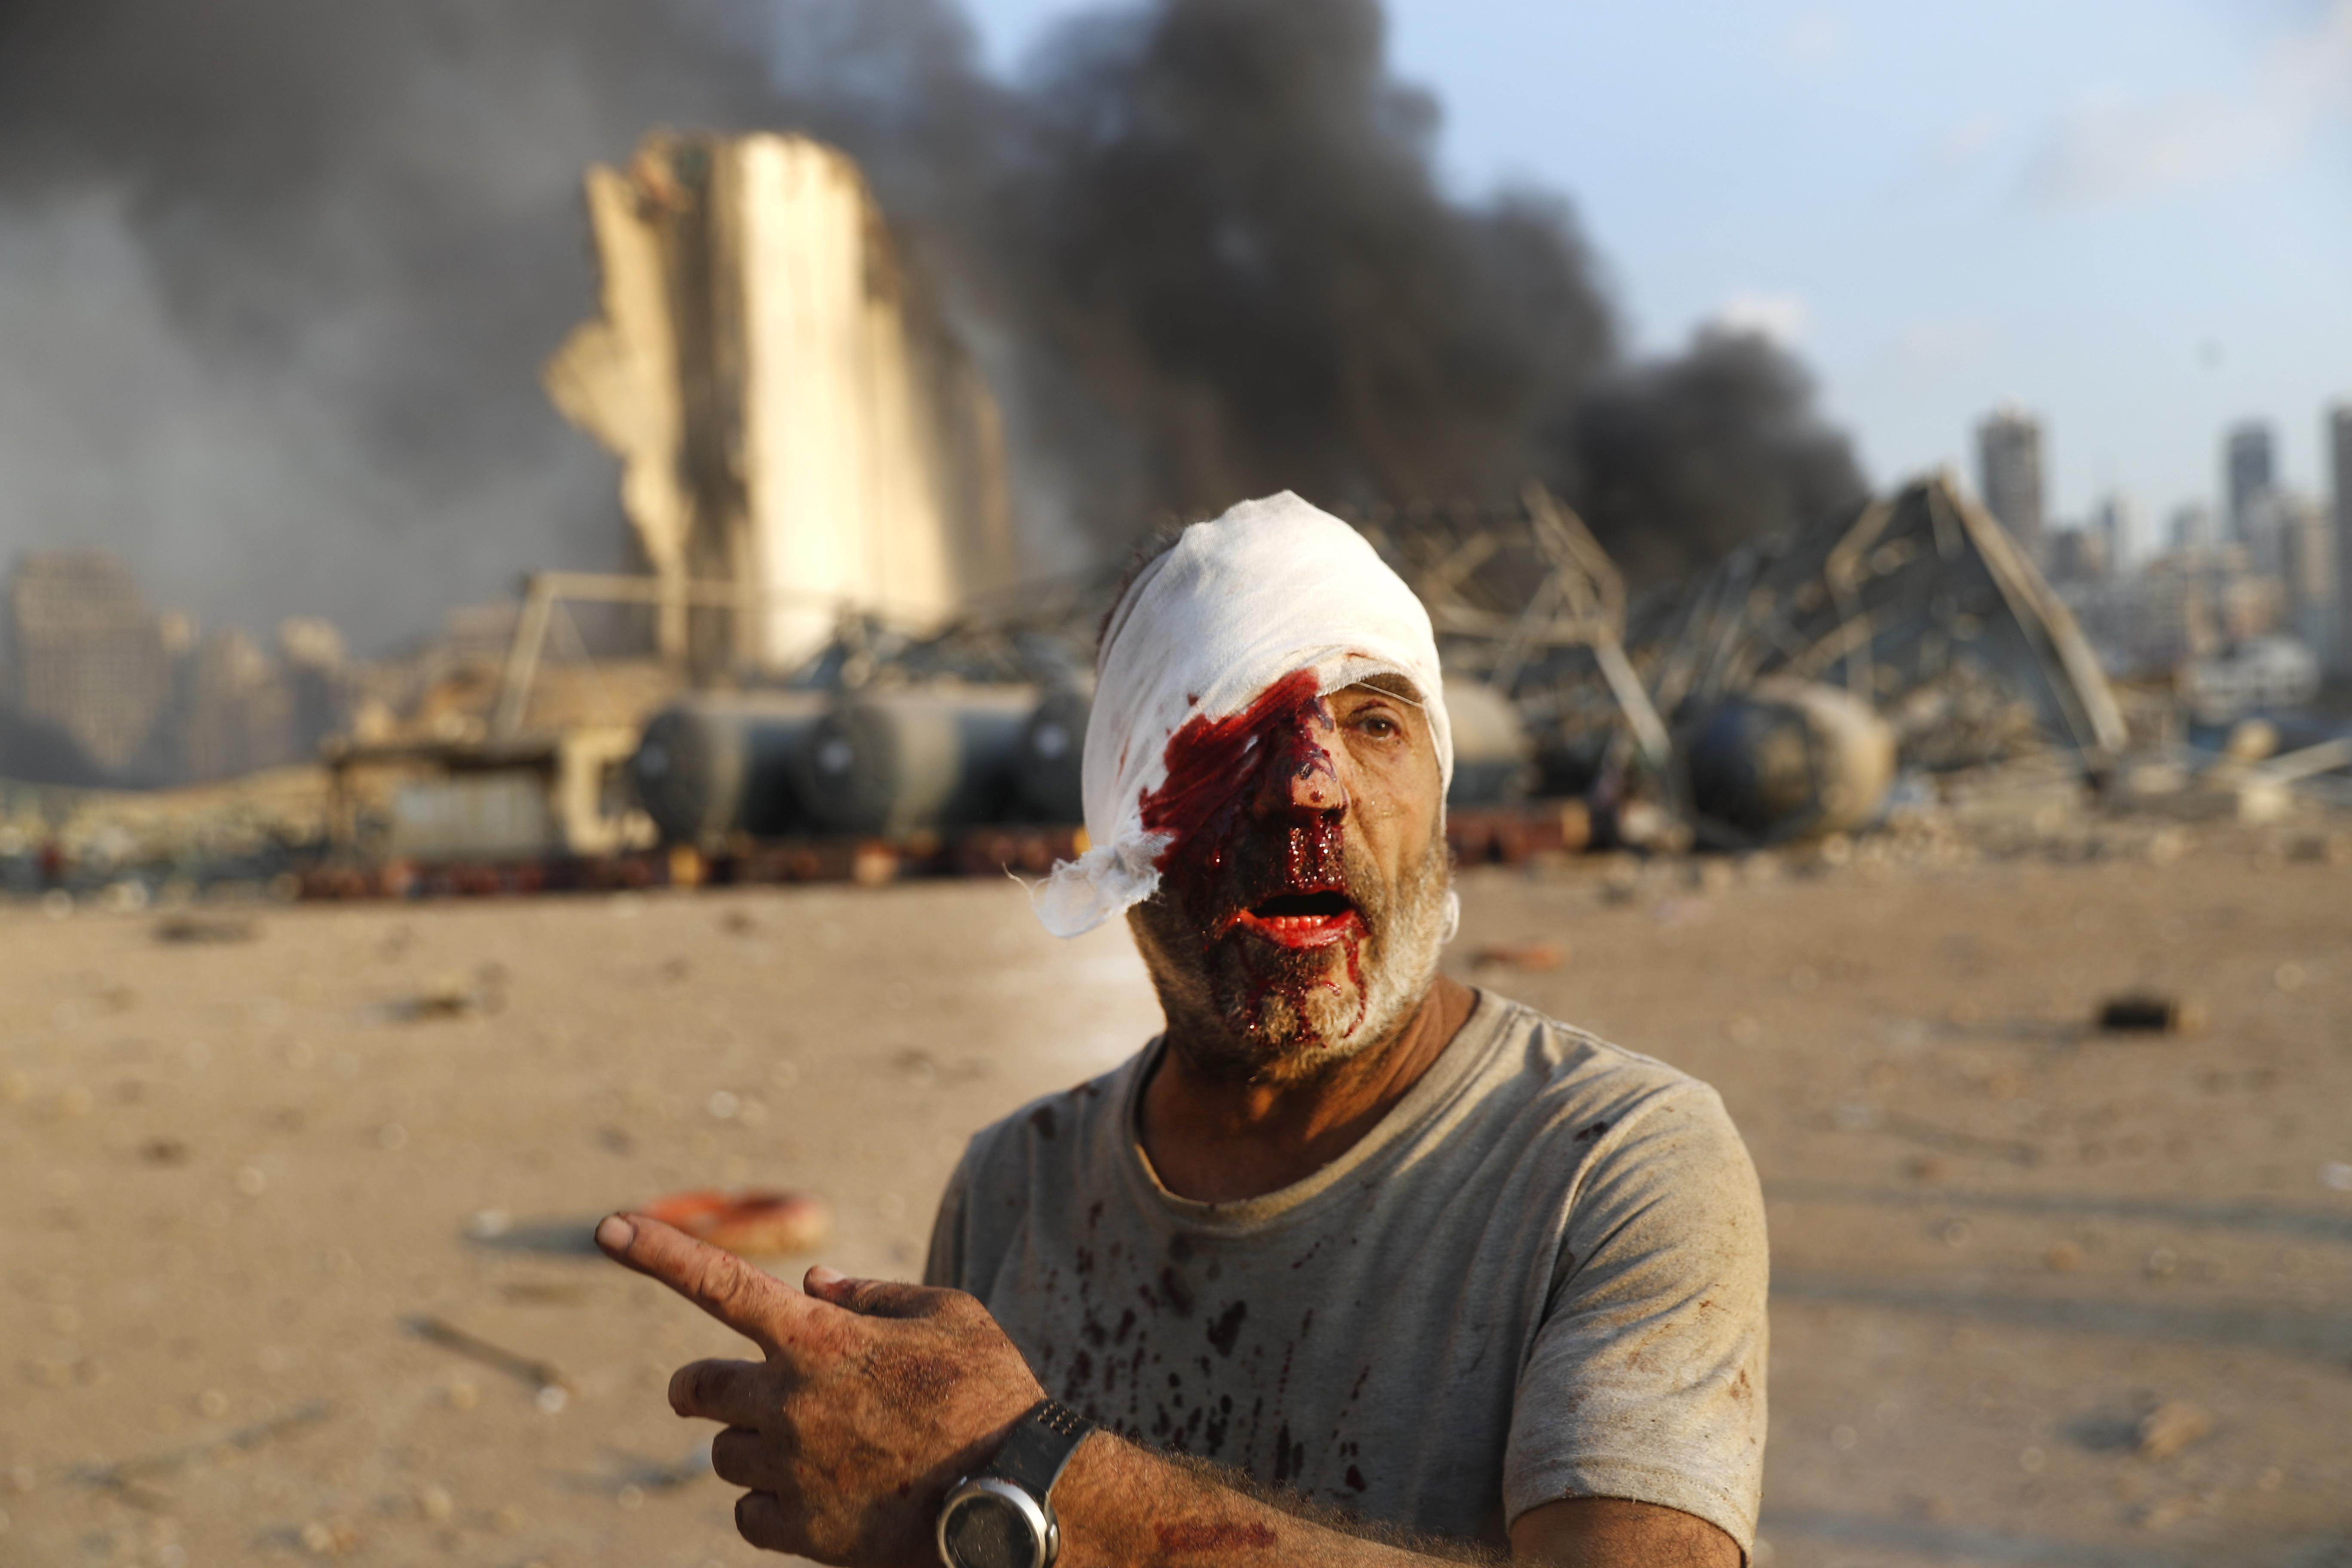 Yaralı bir adam Salı günü Beyrut, Lübnan'da limana vuran patlama mahallinde yürüyor.  [HUSSEIN MALLA |  AP]